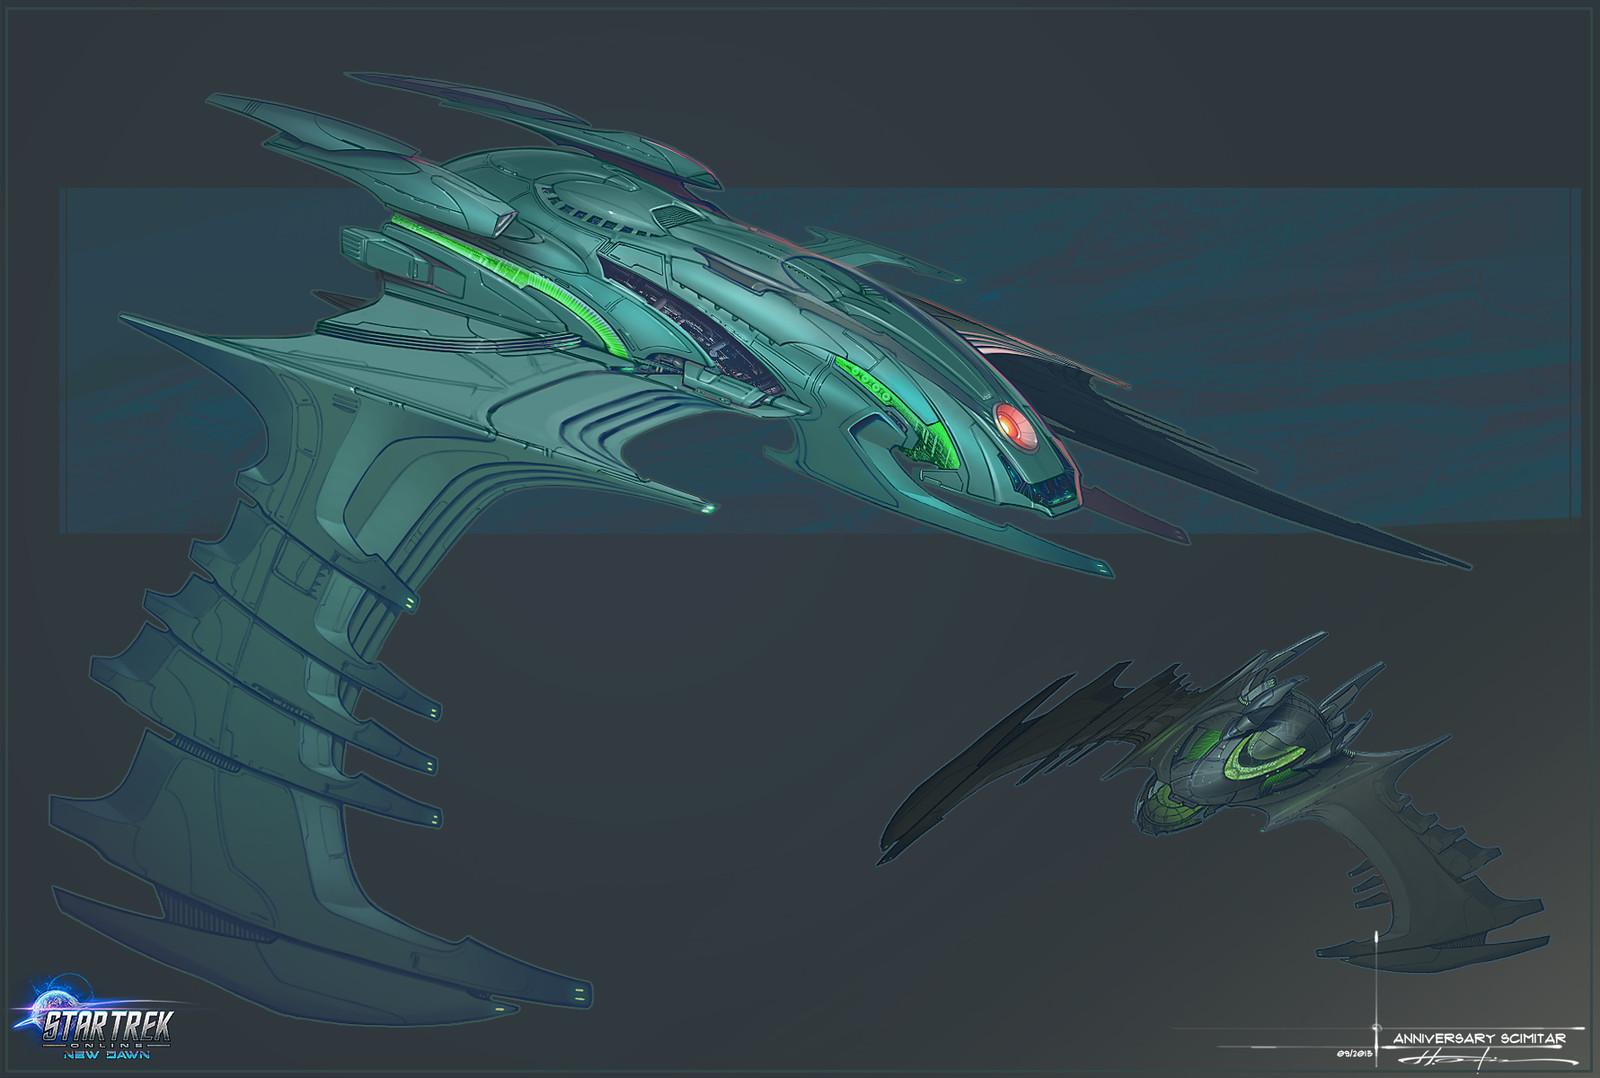 Scimitar Romulan Variant 2